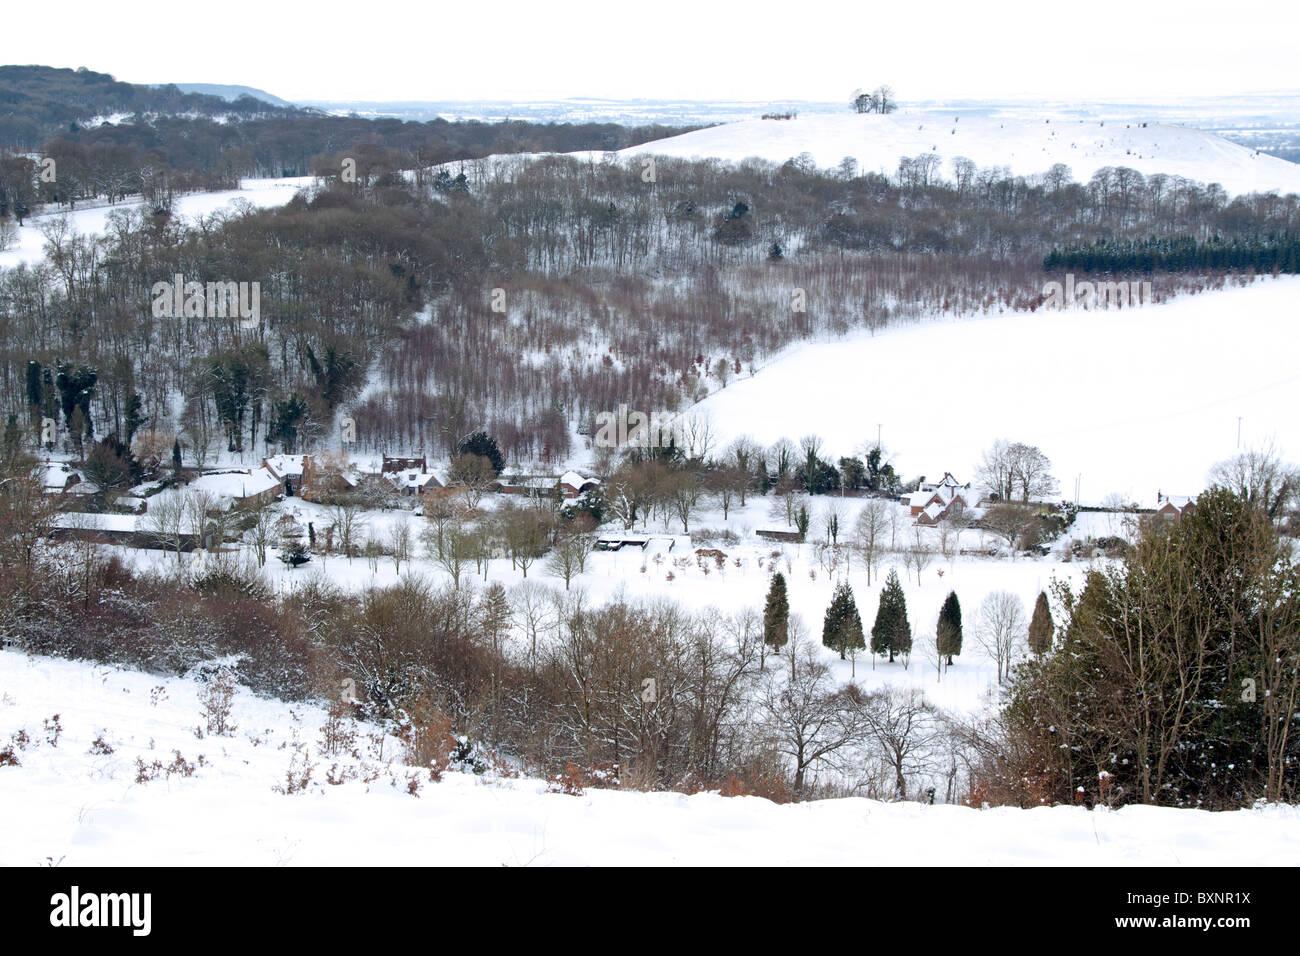 Aylesbury Vale Winter - Buckinghamshire - Stock Image